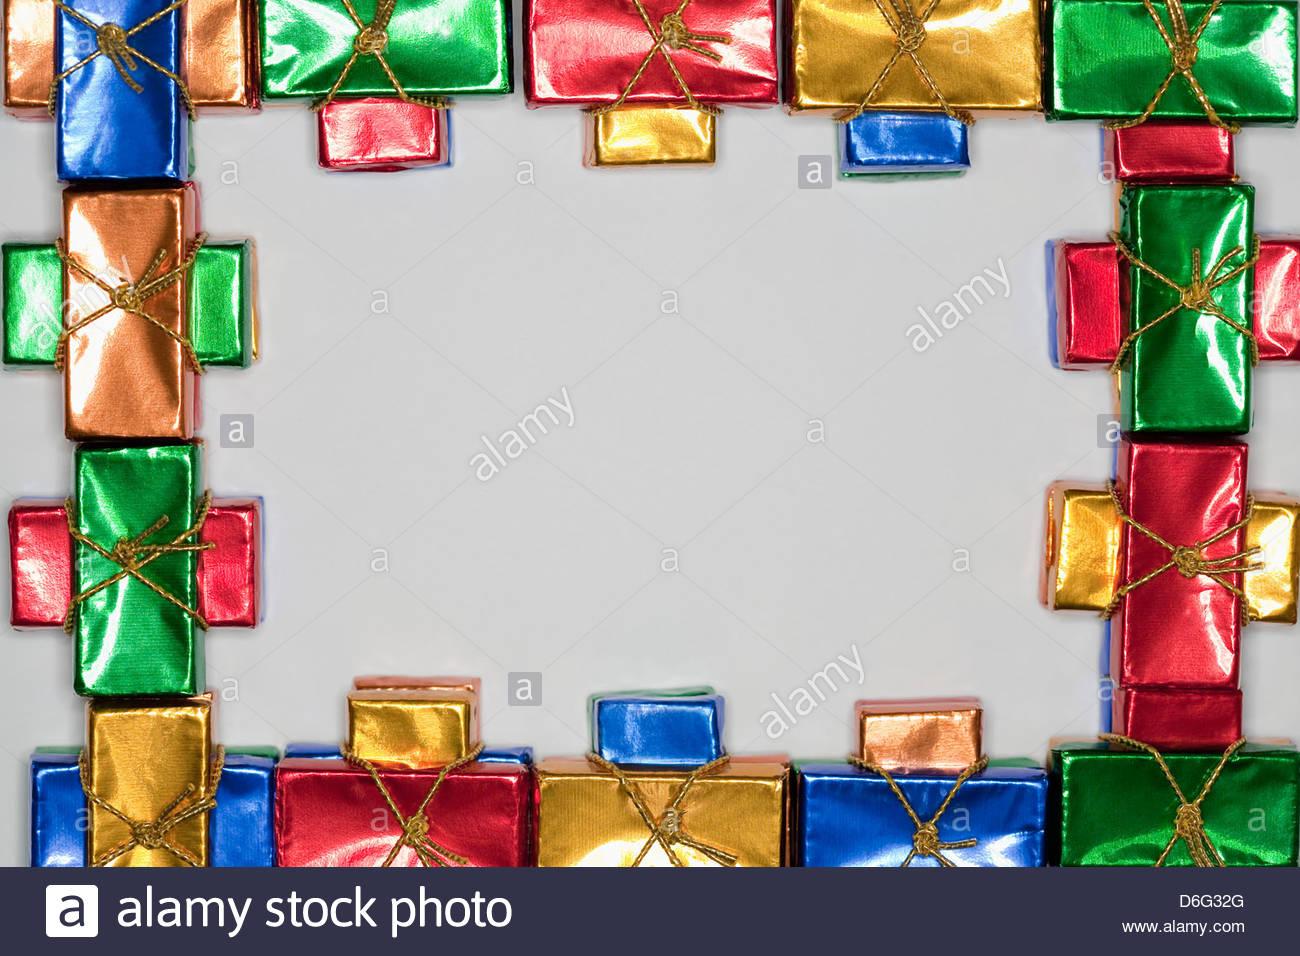 Kleine Tafeln Schokolade in farbigem Papier Stockfoto